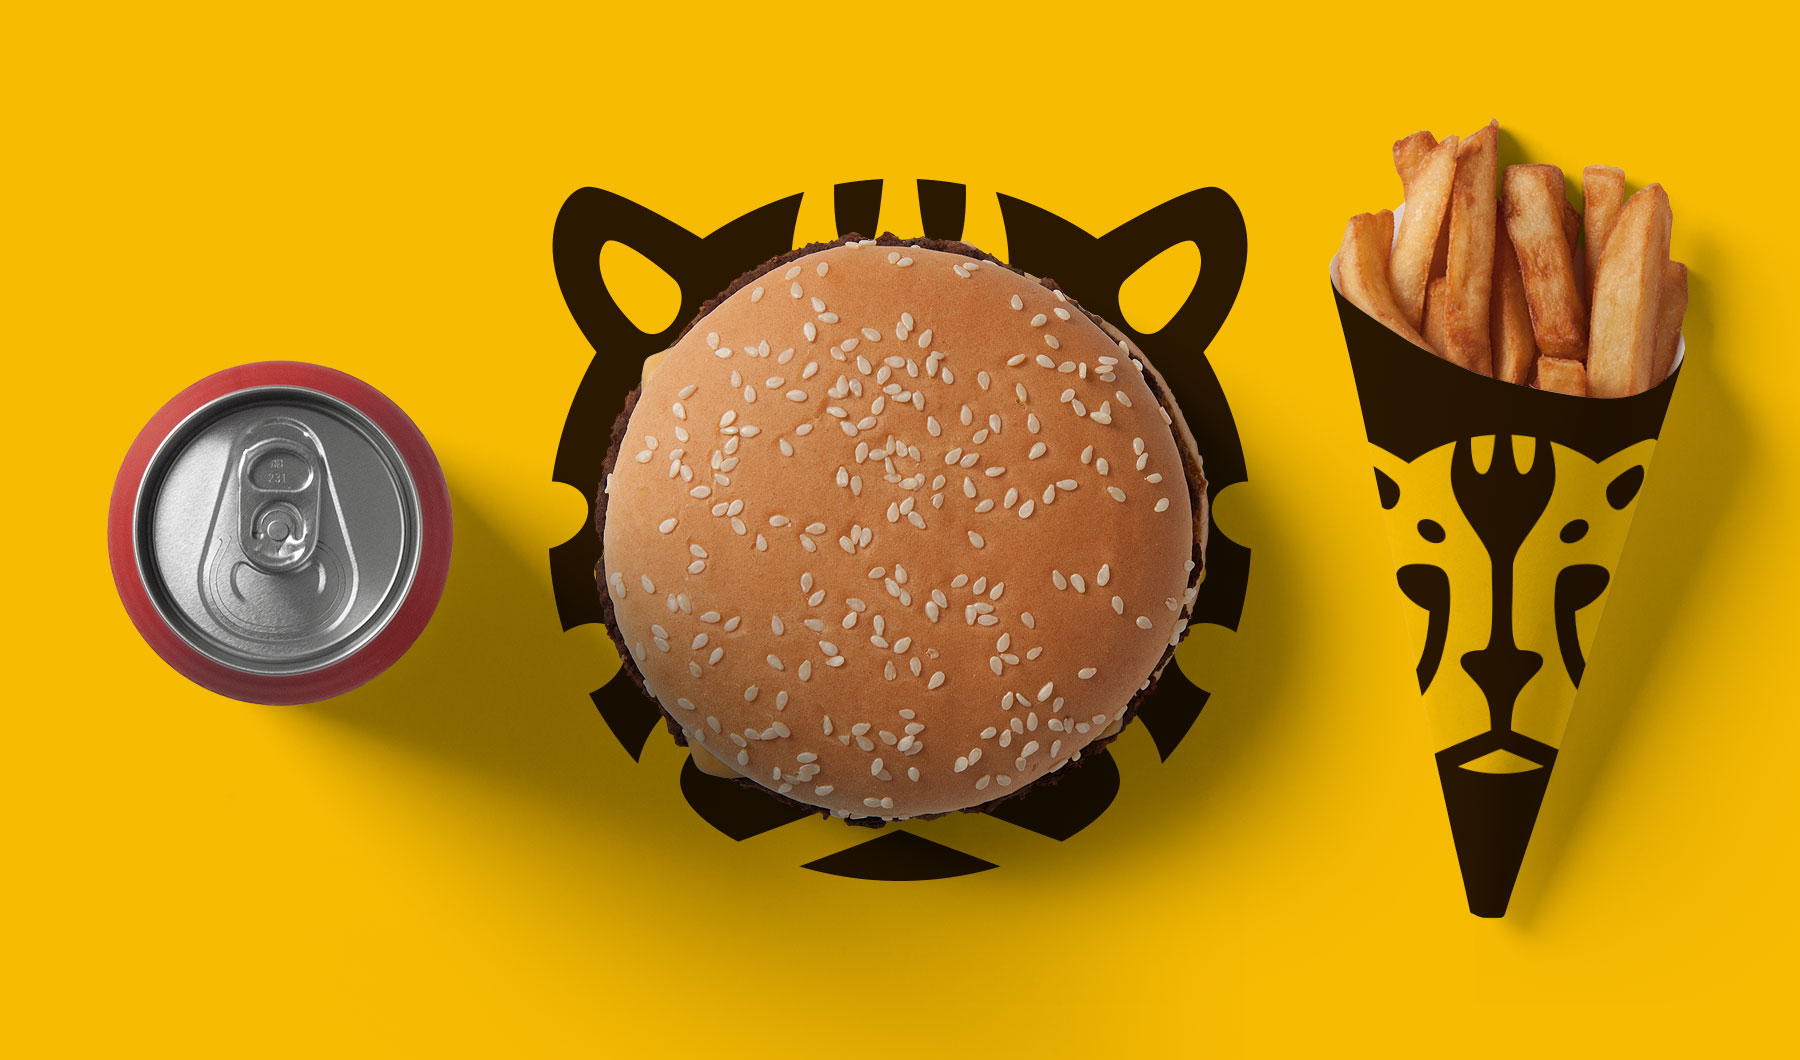 fastfood-logo-design-05